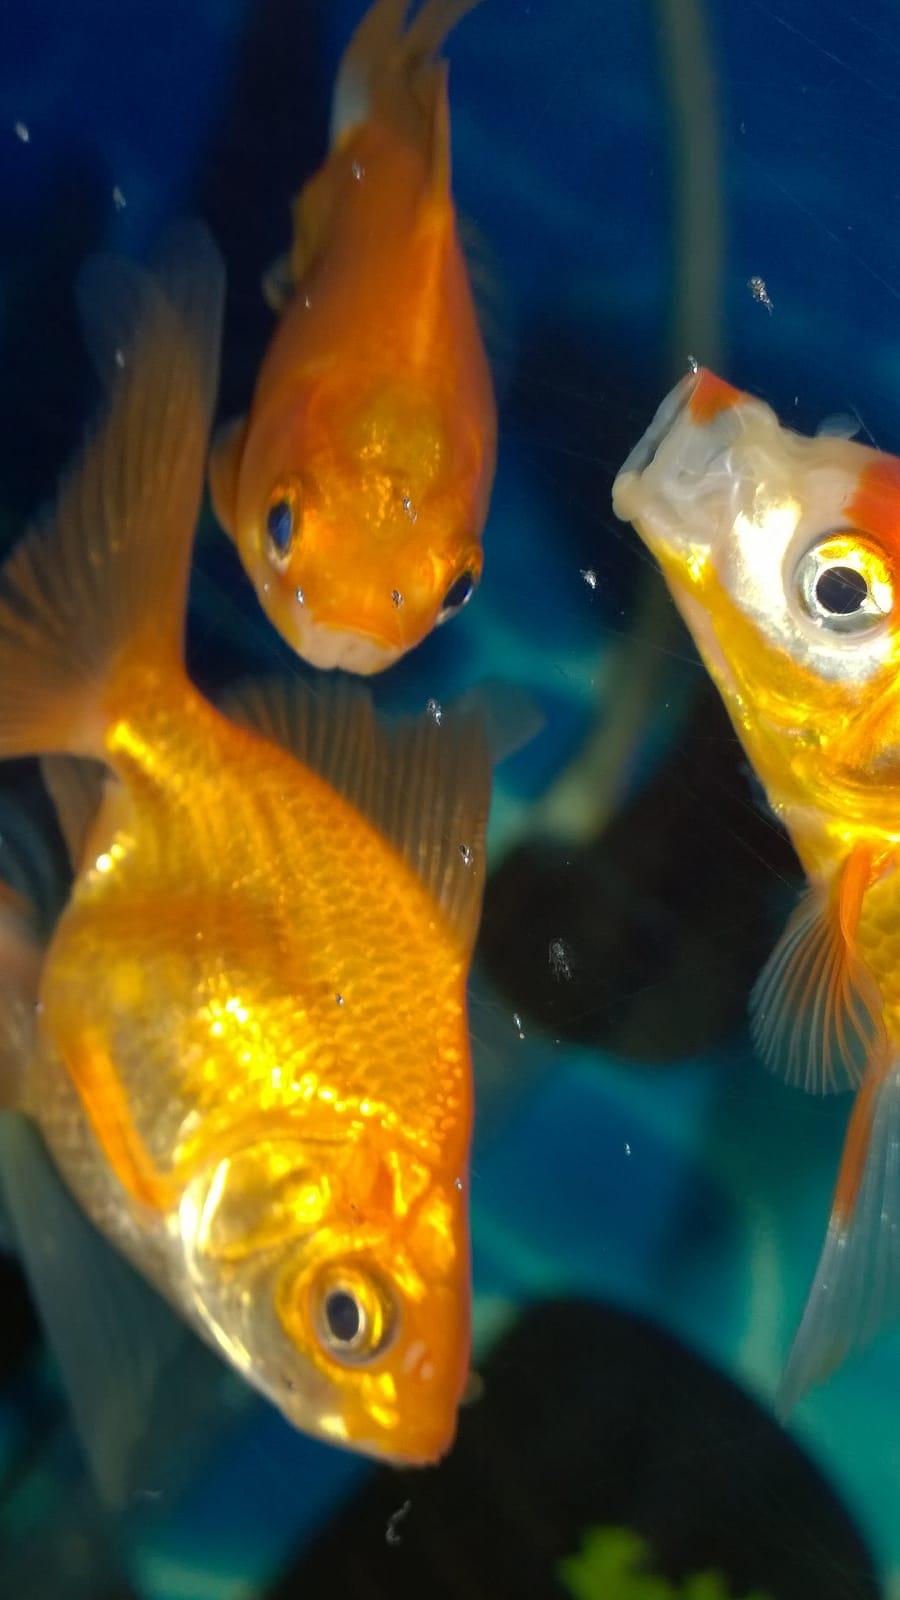 Bir ev akvaryumda balık kardinaller